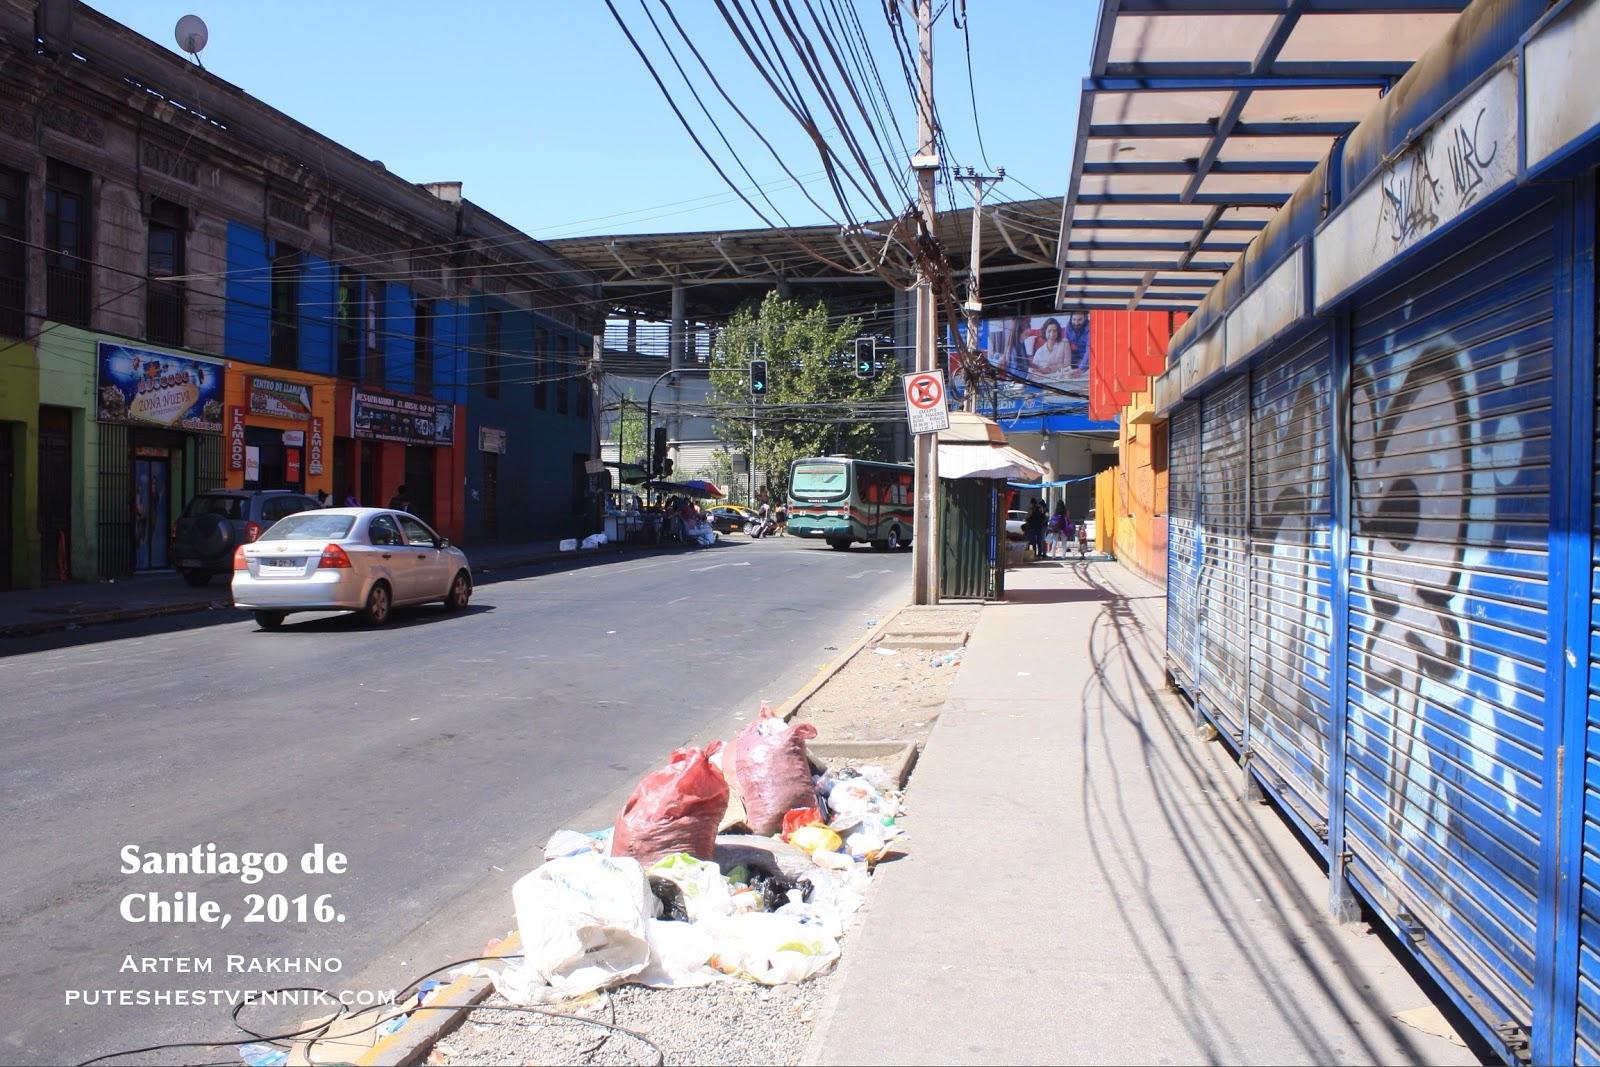 Мусор на улице в Сантьяго